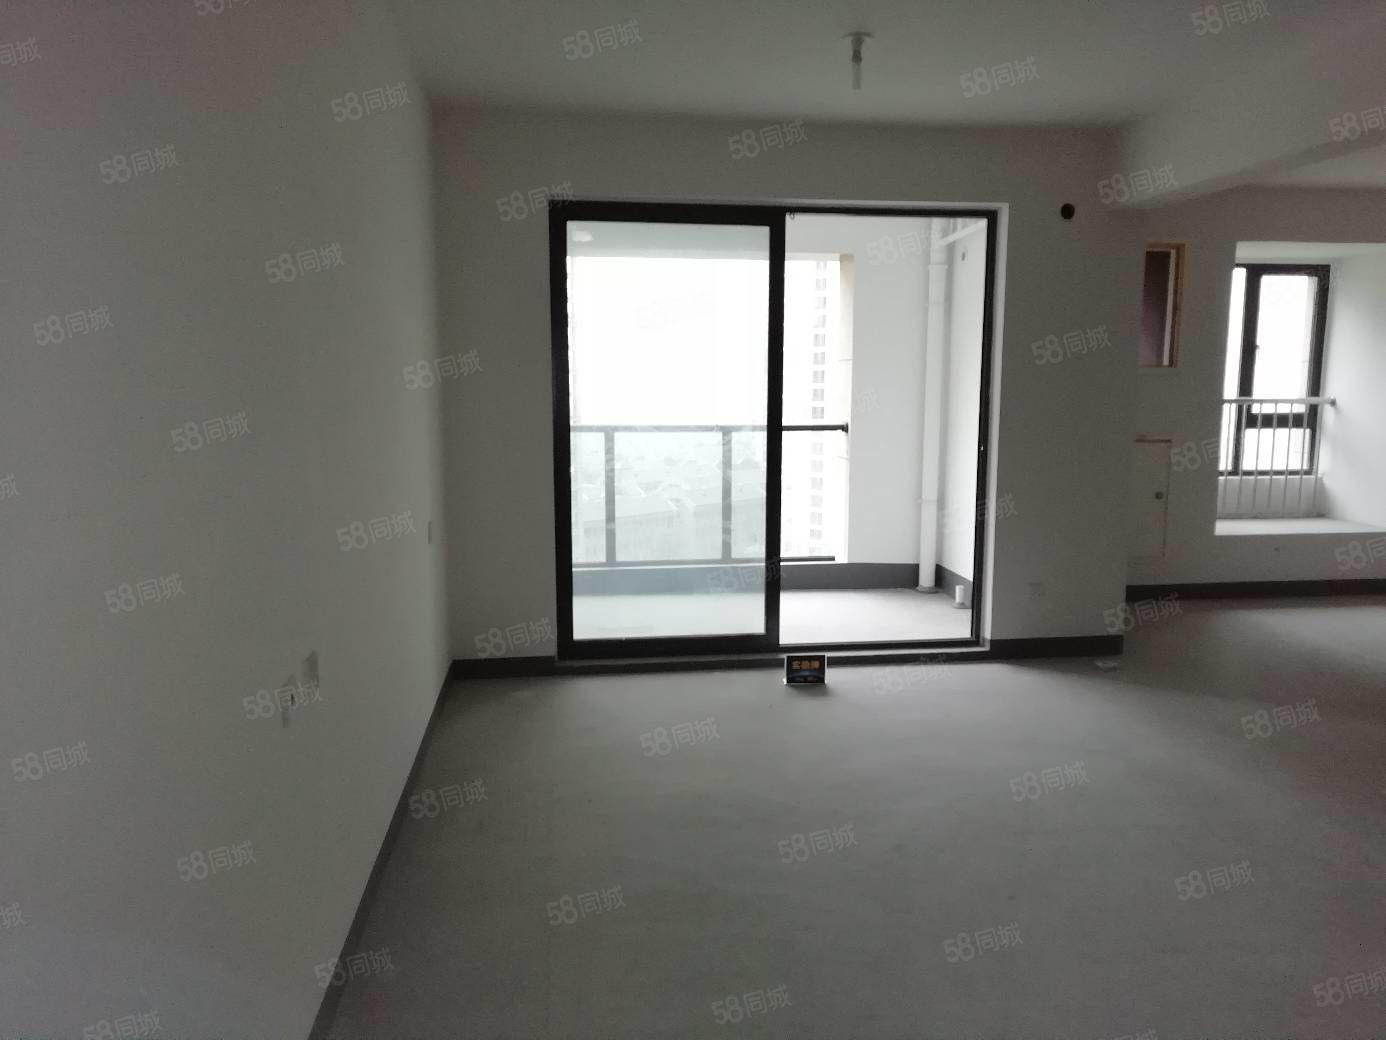 江與城全南戶型2房2廳1衛房型正氣看房隨時